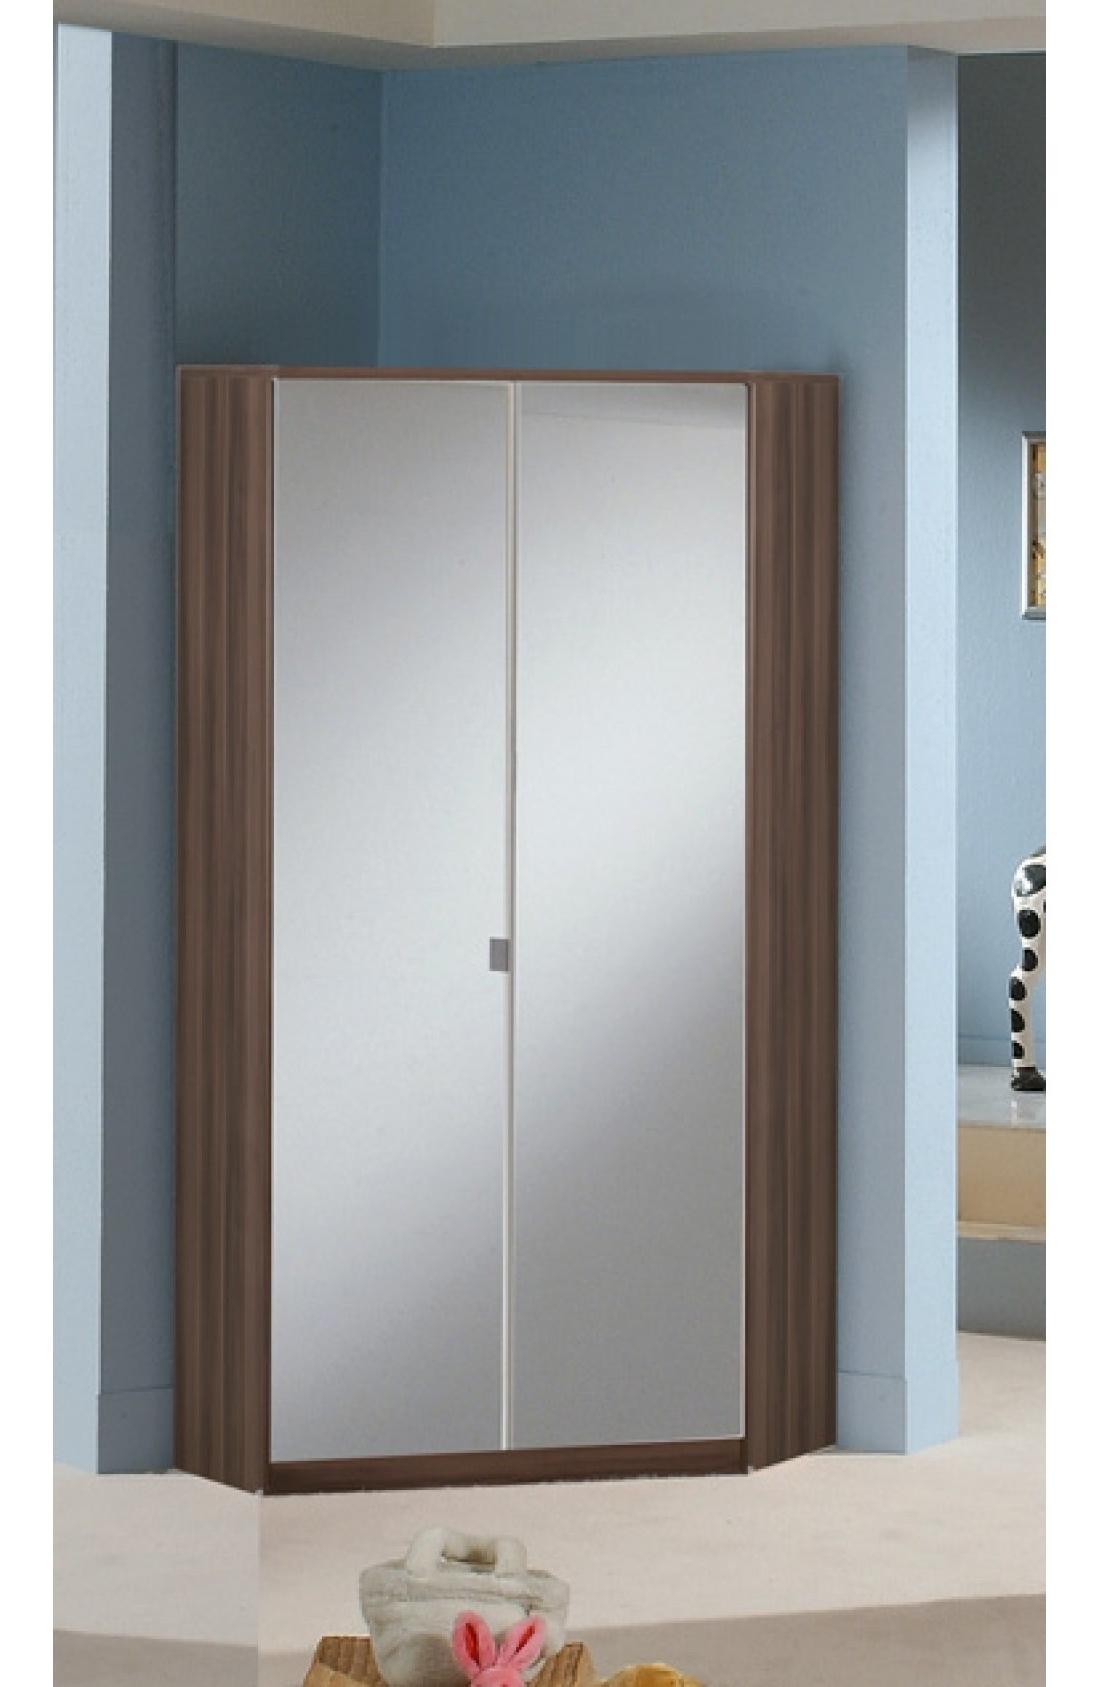 2 Door Corner Wardrobes For Preferred Slumberhaus Gamma German Made Modern Walnut And Mirror 2 Door (View 12 of 15)